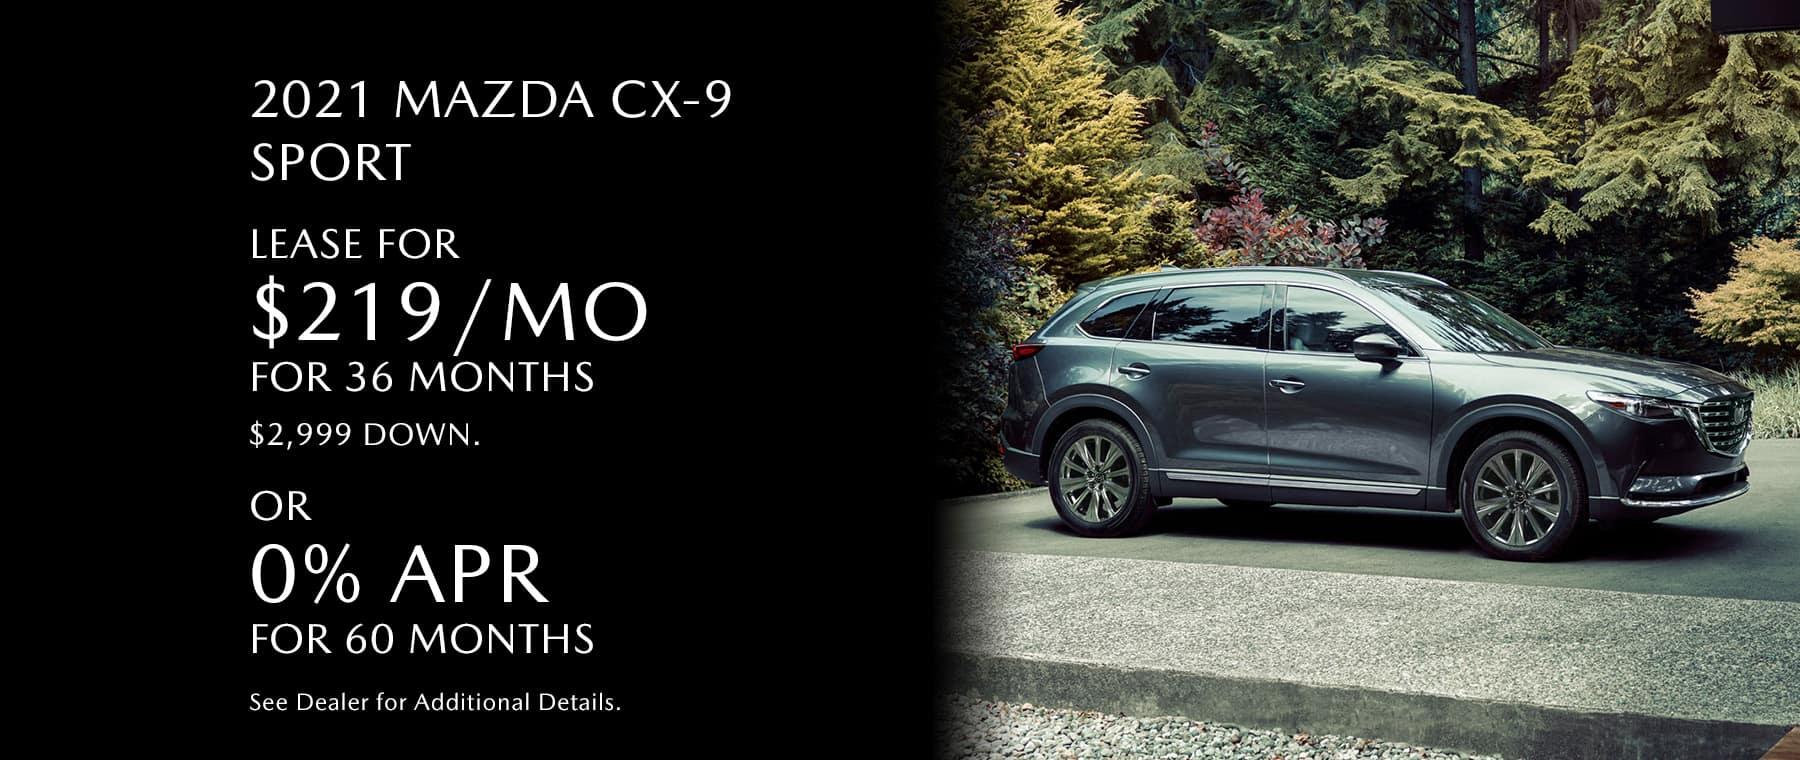 MazdaGastonia_Sliders_CX-9 Sport (1)April